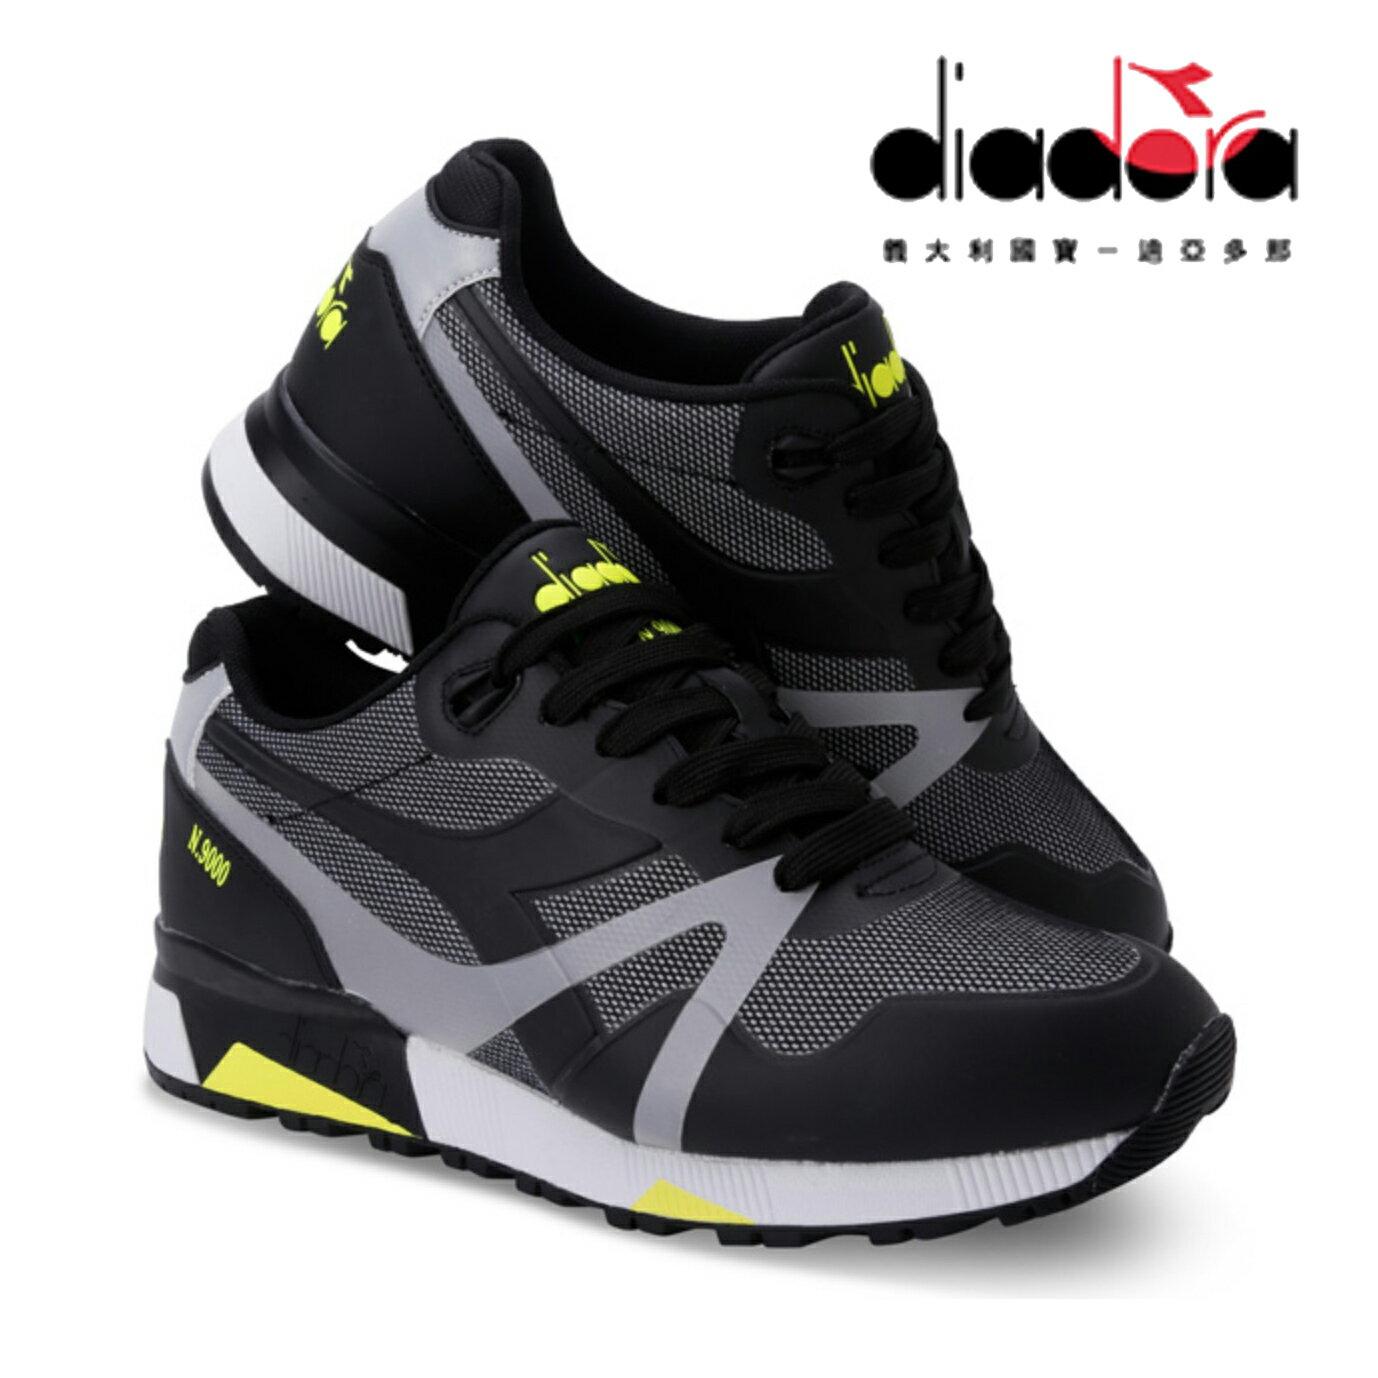 【巷子屋】義大利國寶鞋-DIADORA迪亞多納 男款N9000系列原廠防潑水反光復古慢跑鞋 [C6305] 黑螢光黃 超值價$980